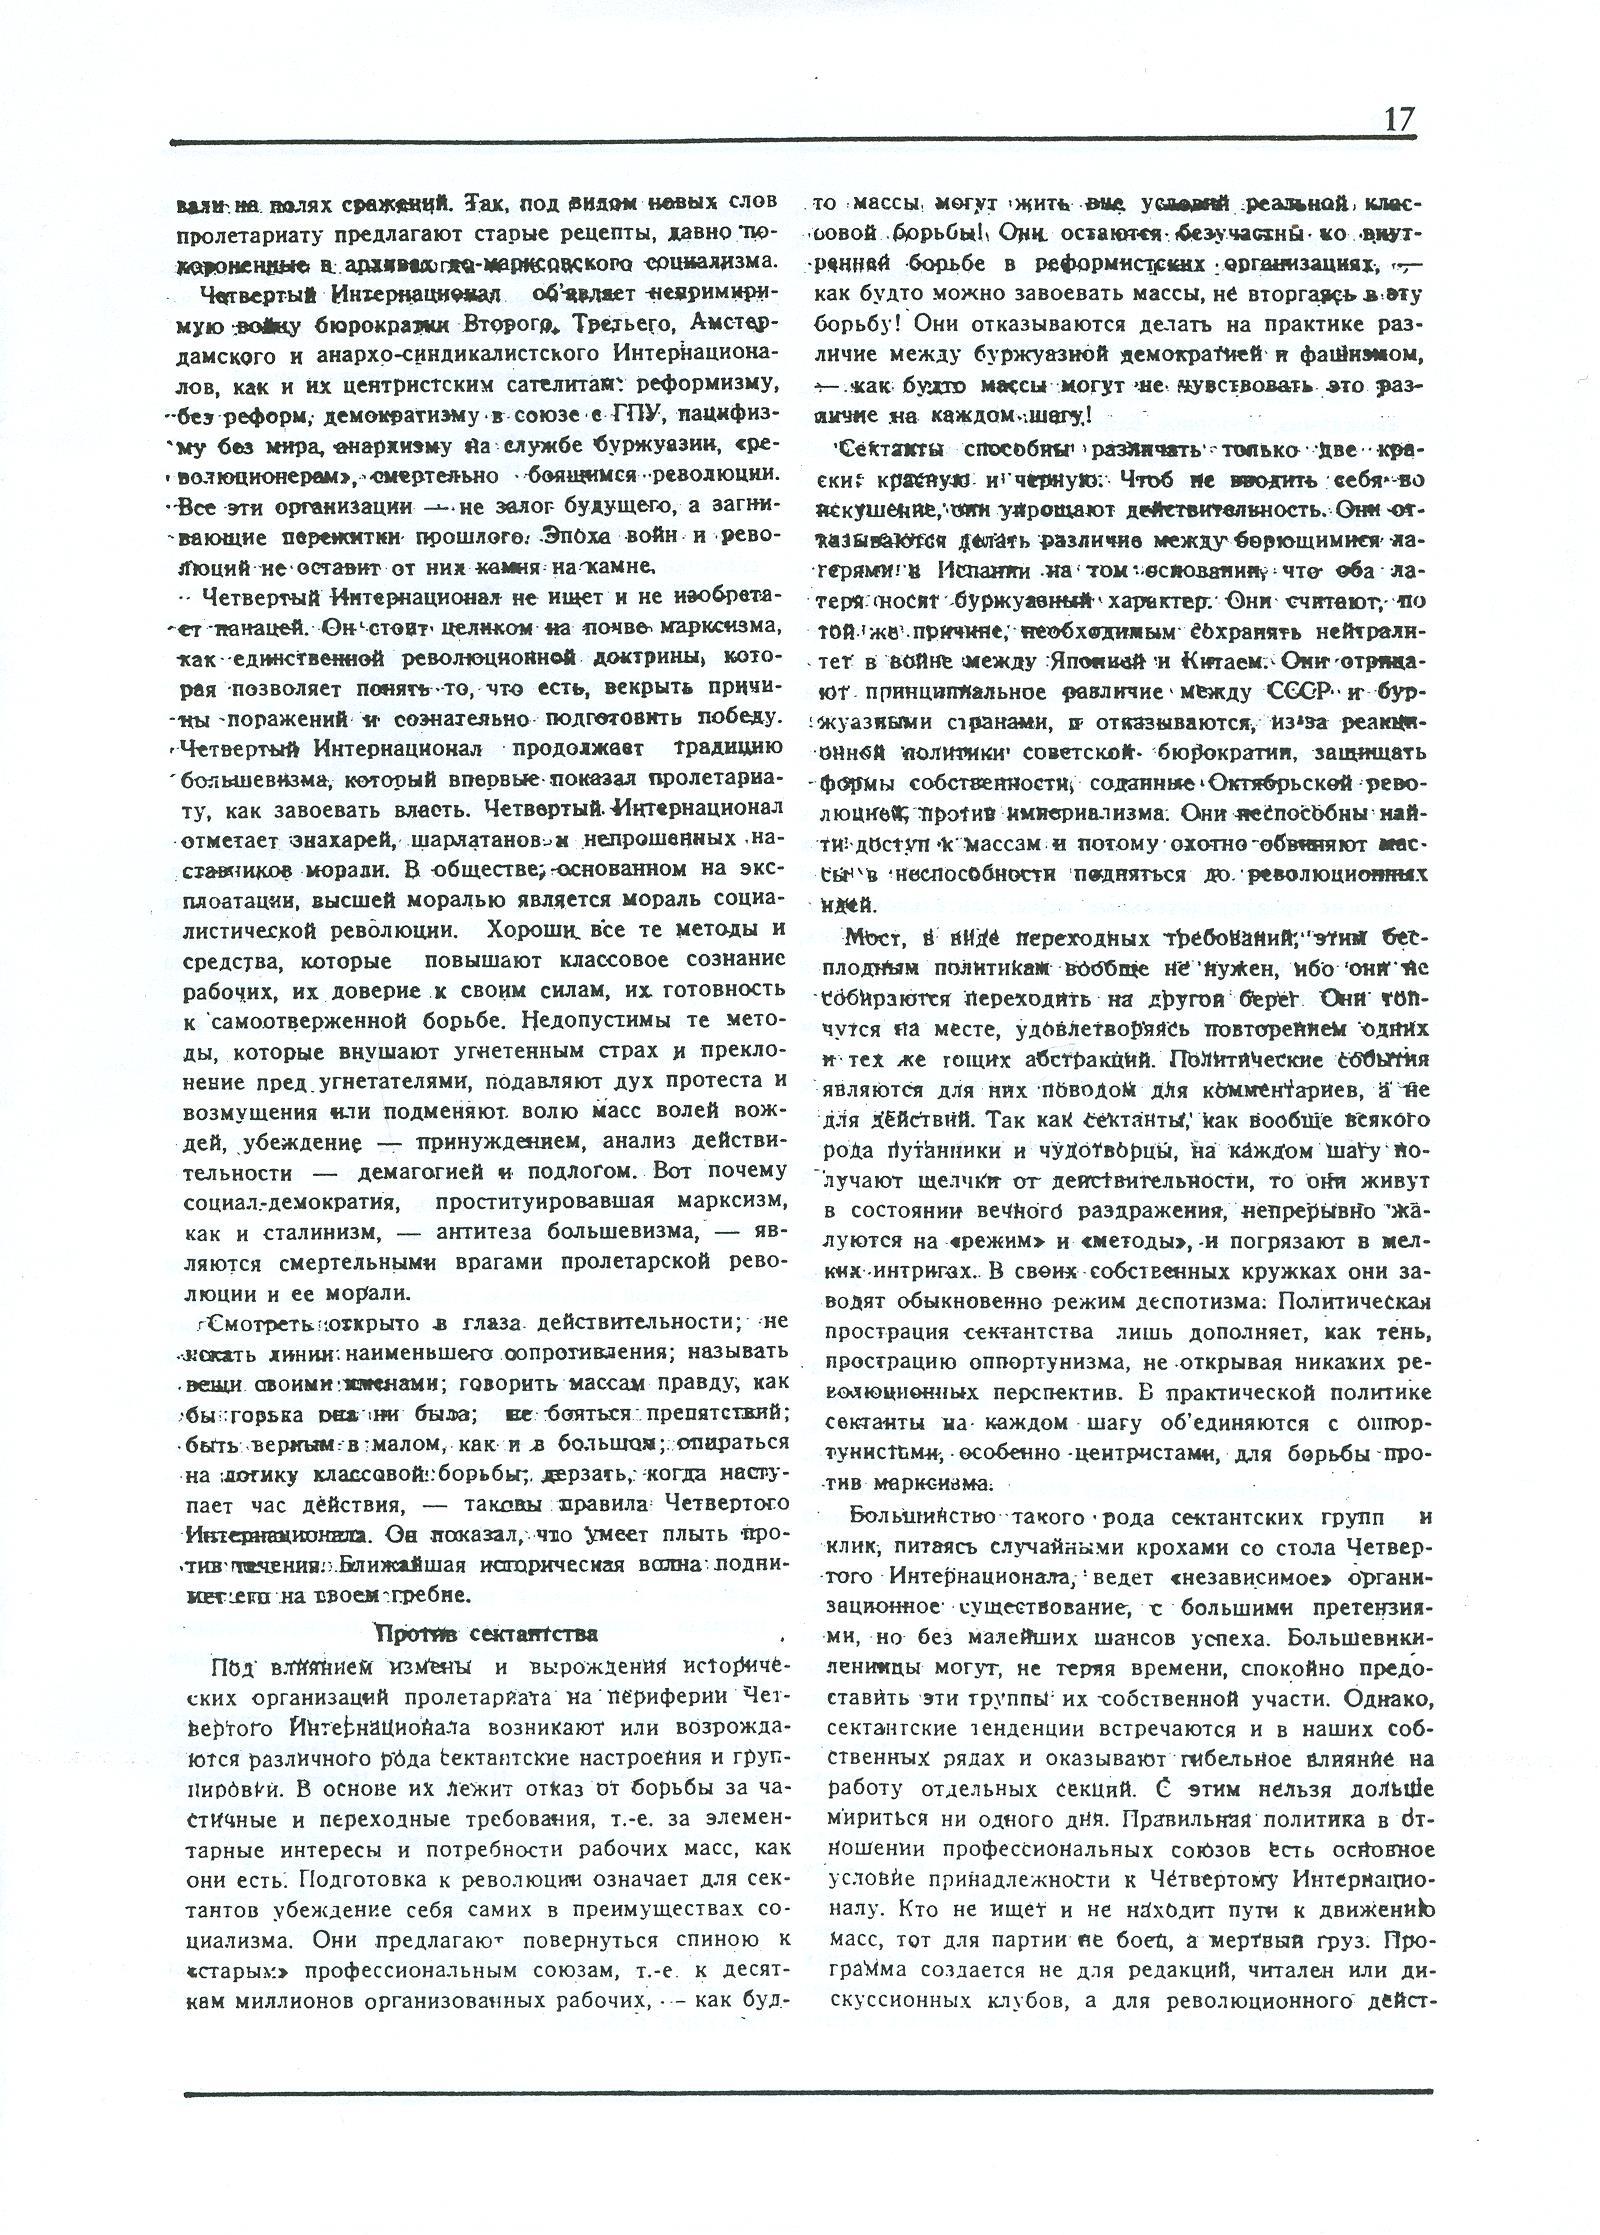 Dagli archivi del bolscevismo n. 1 (marzo 1986) - pag. 17